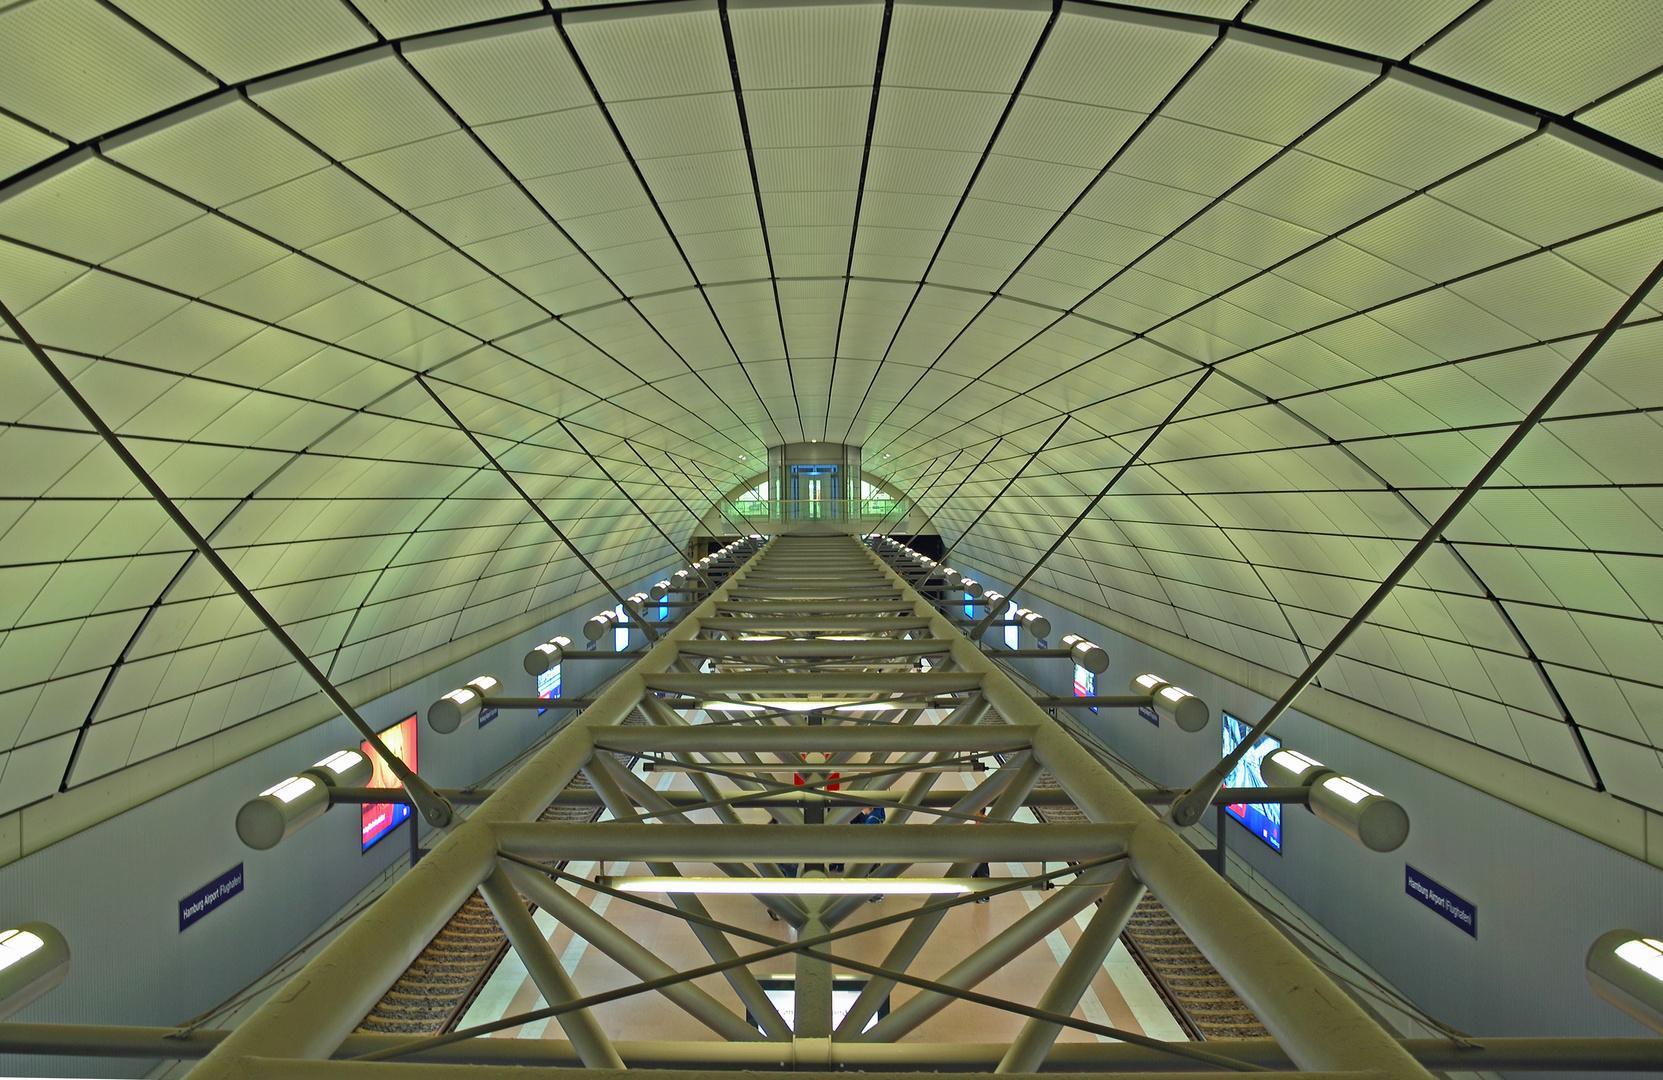 S Bahnhof Airport Hamburg